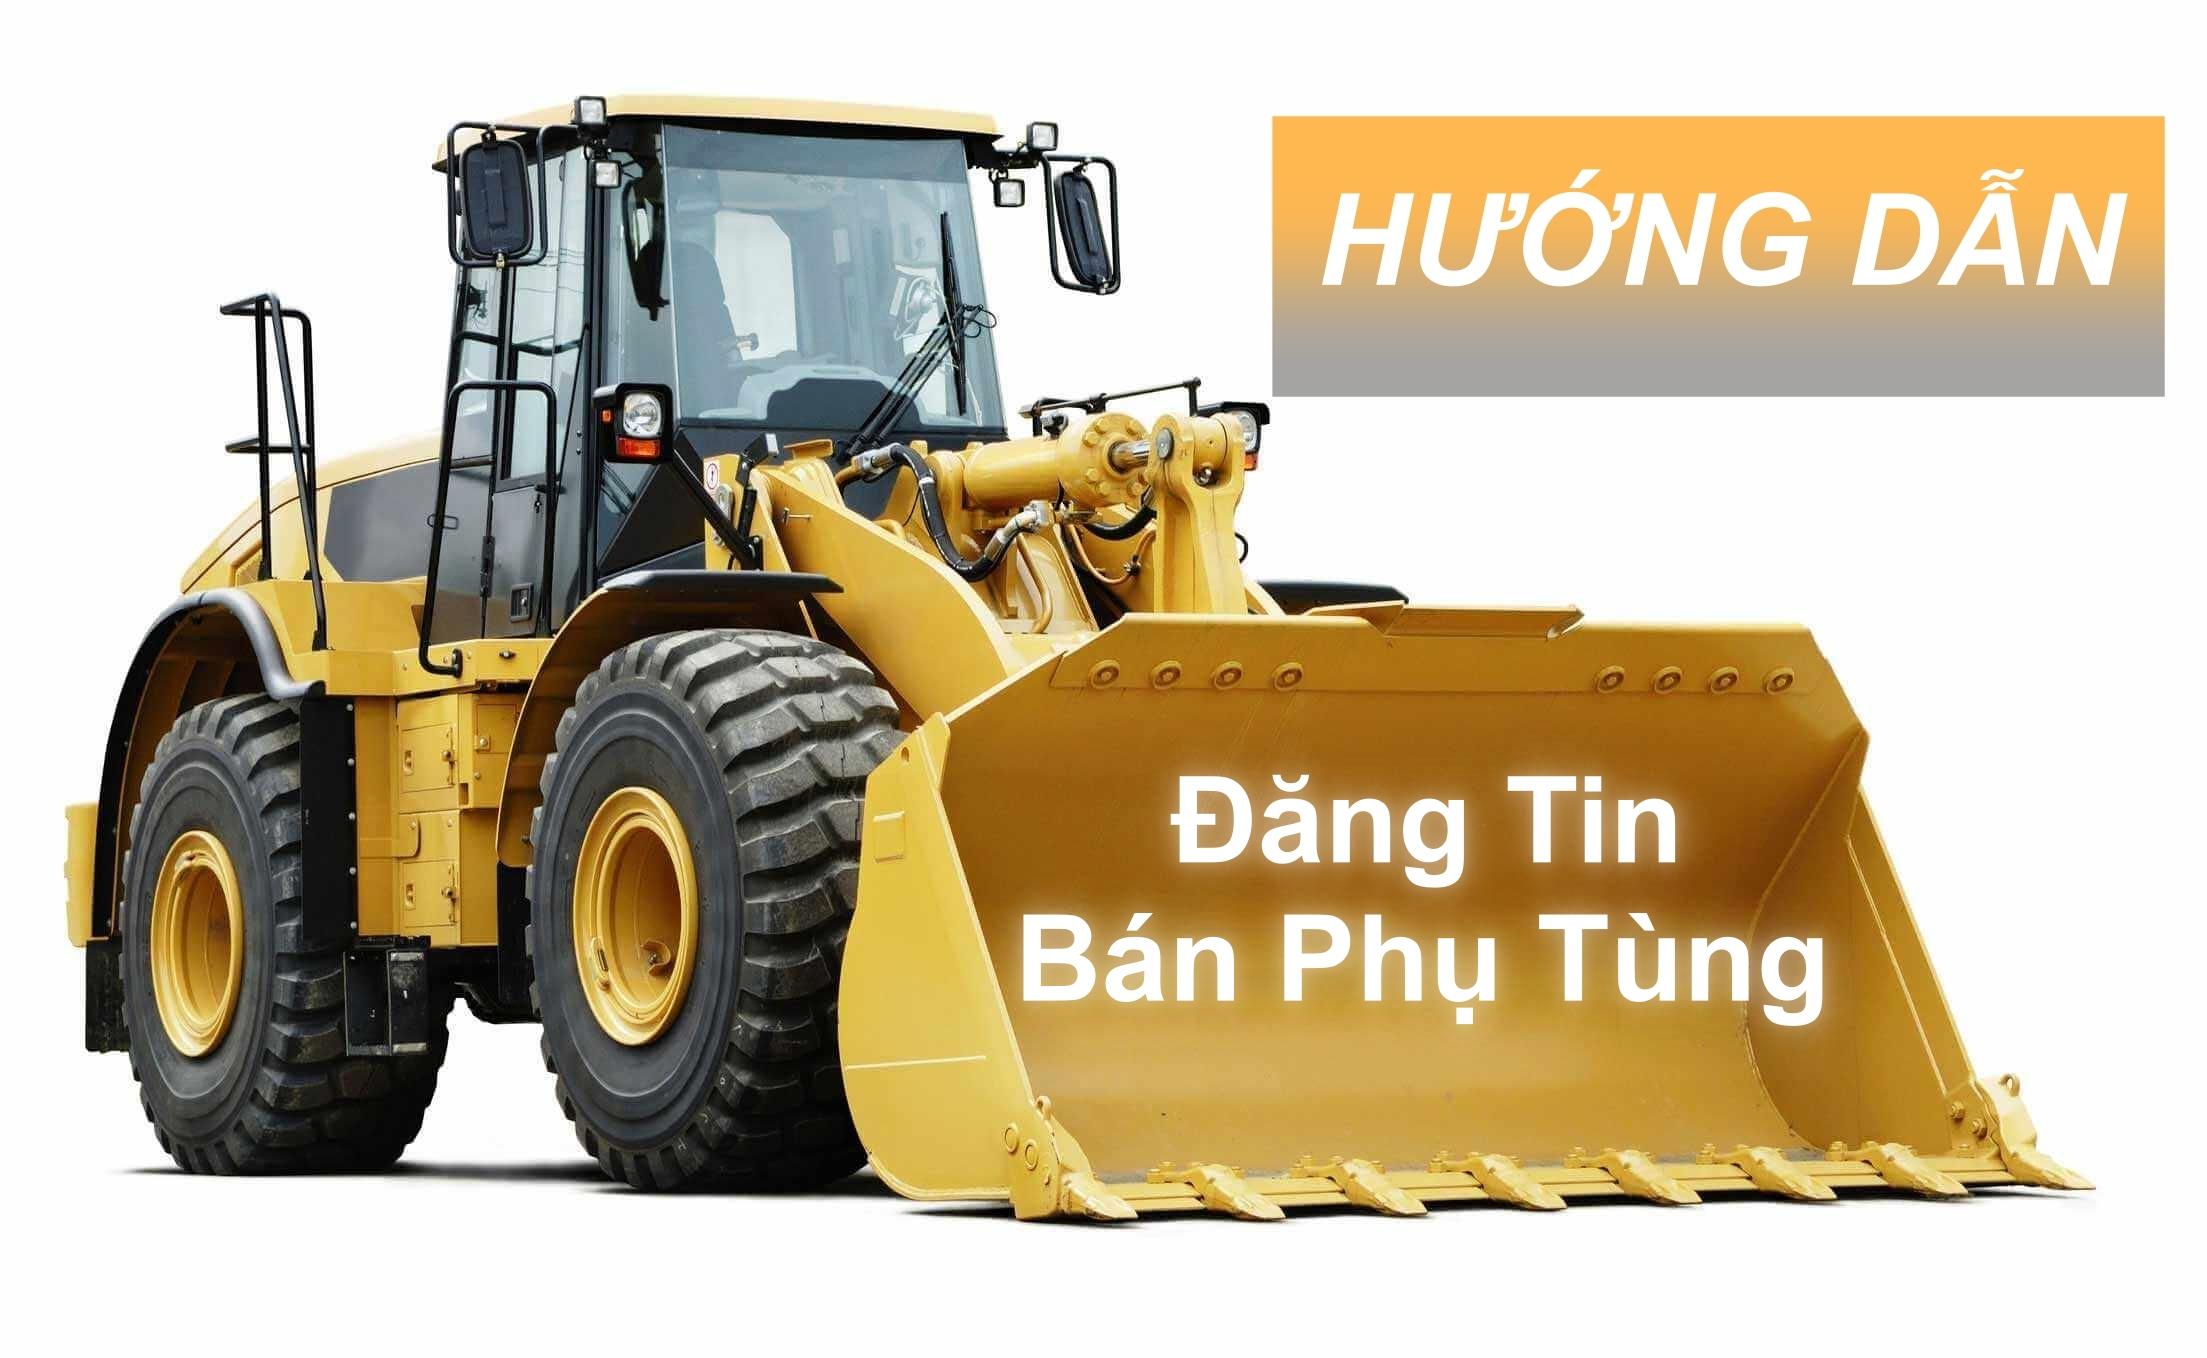 Hướng Dẫn Đăng Tin Bán Phụ Tùng Trên Website Hanoma.vn